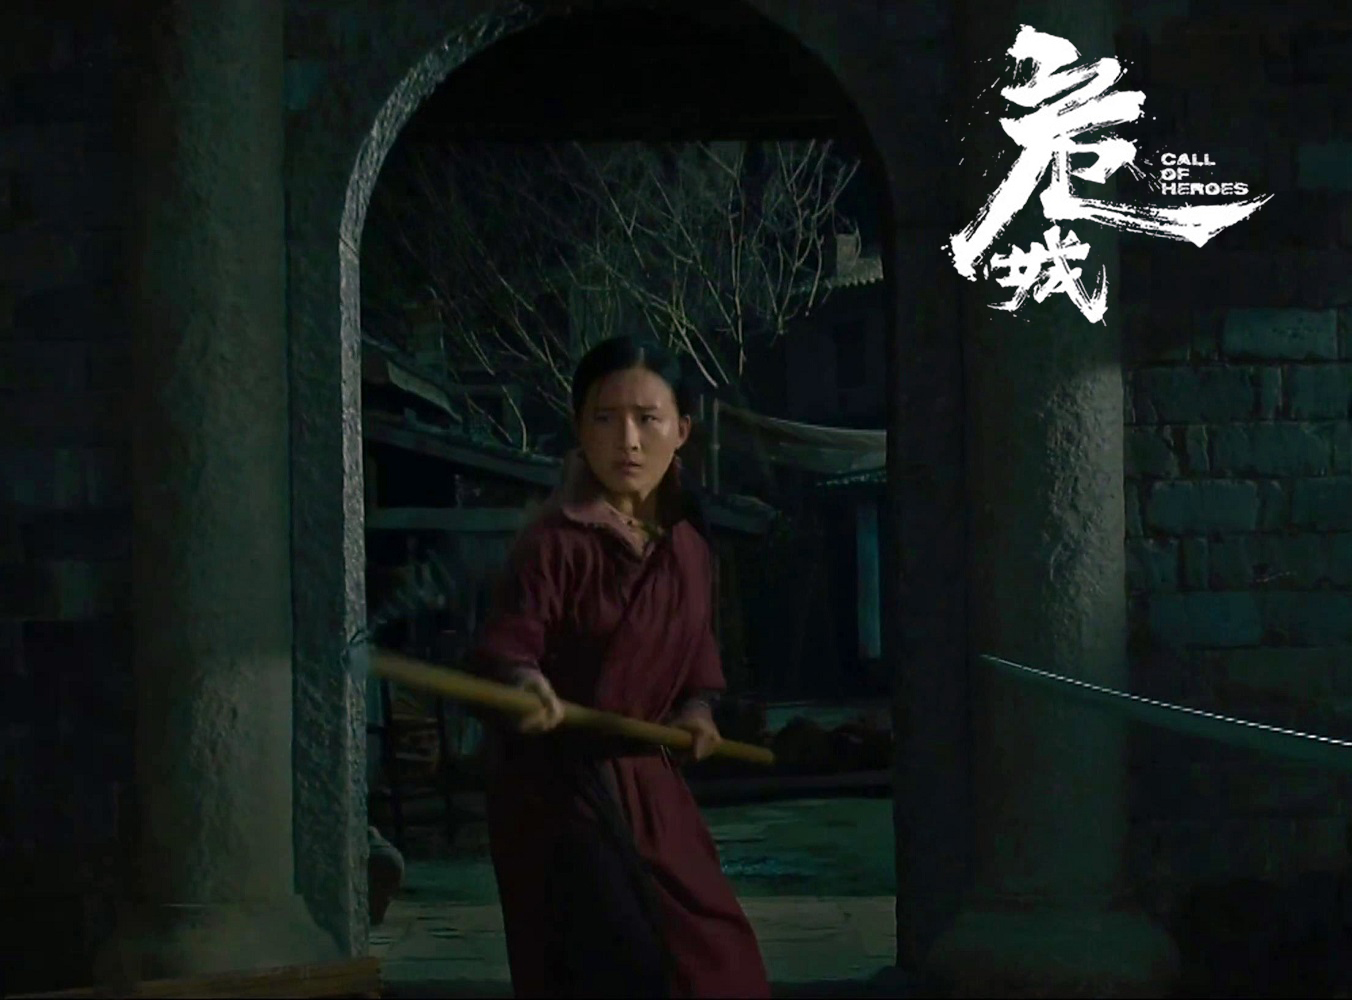 爱奇艺娱乐大事件_演员王宇《危城》活灵活现演绎百年绝学_娱乐_环球网